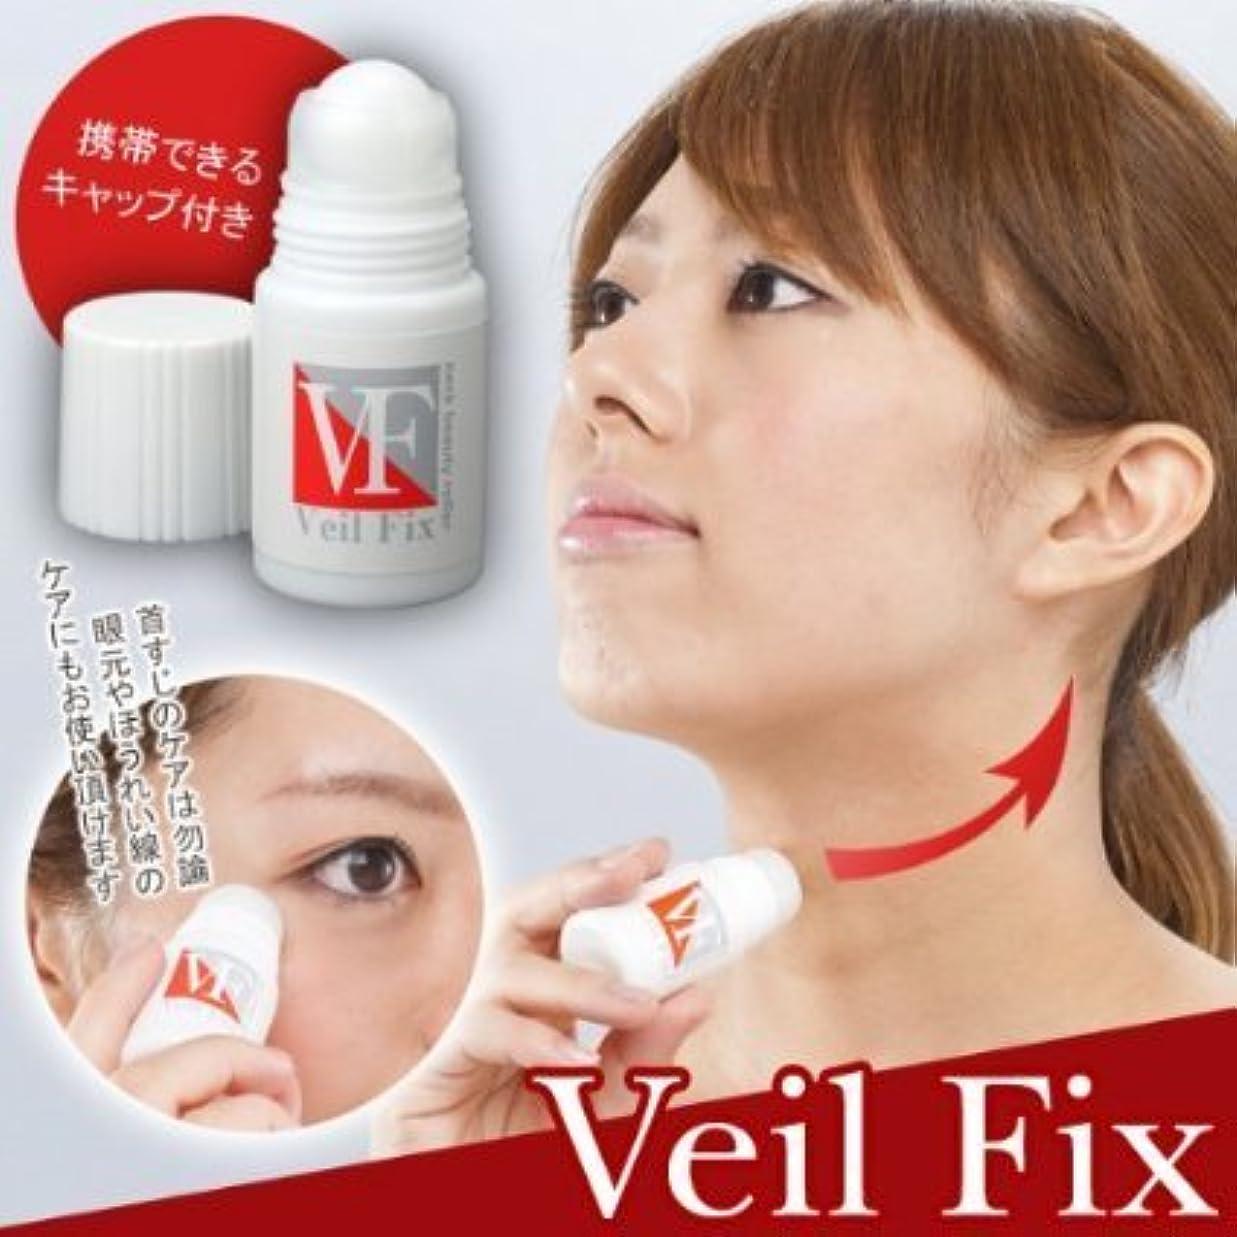 通行人ヒットマンハッタンVeil Fix neck beauty roller(ヴェイル フィックス ネックビューティーローラー)VFエッセンス 20ml